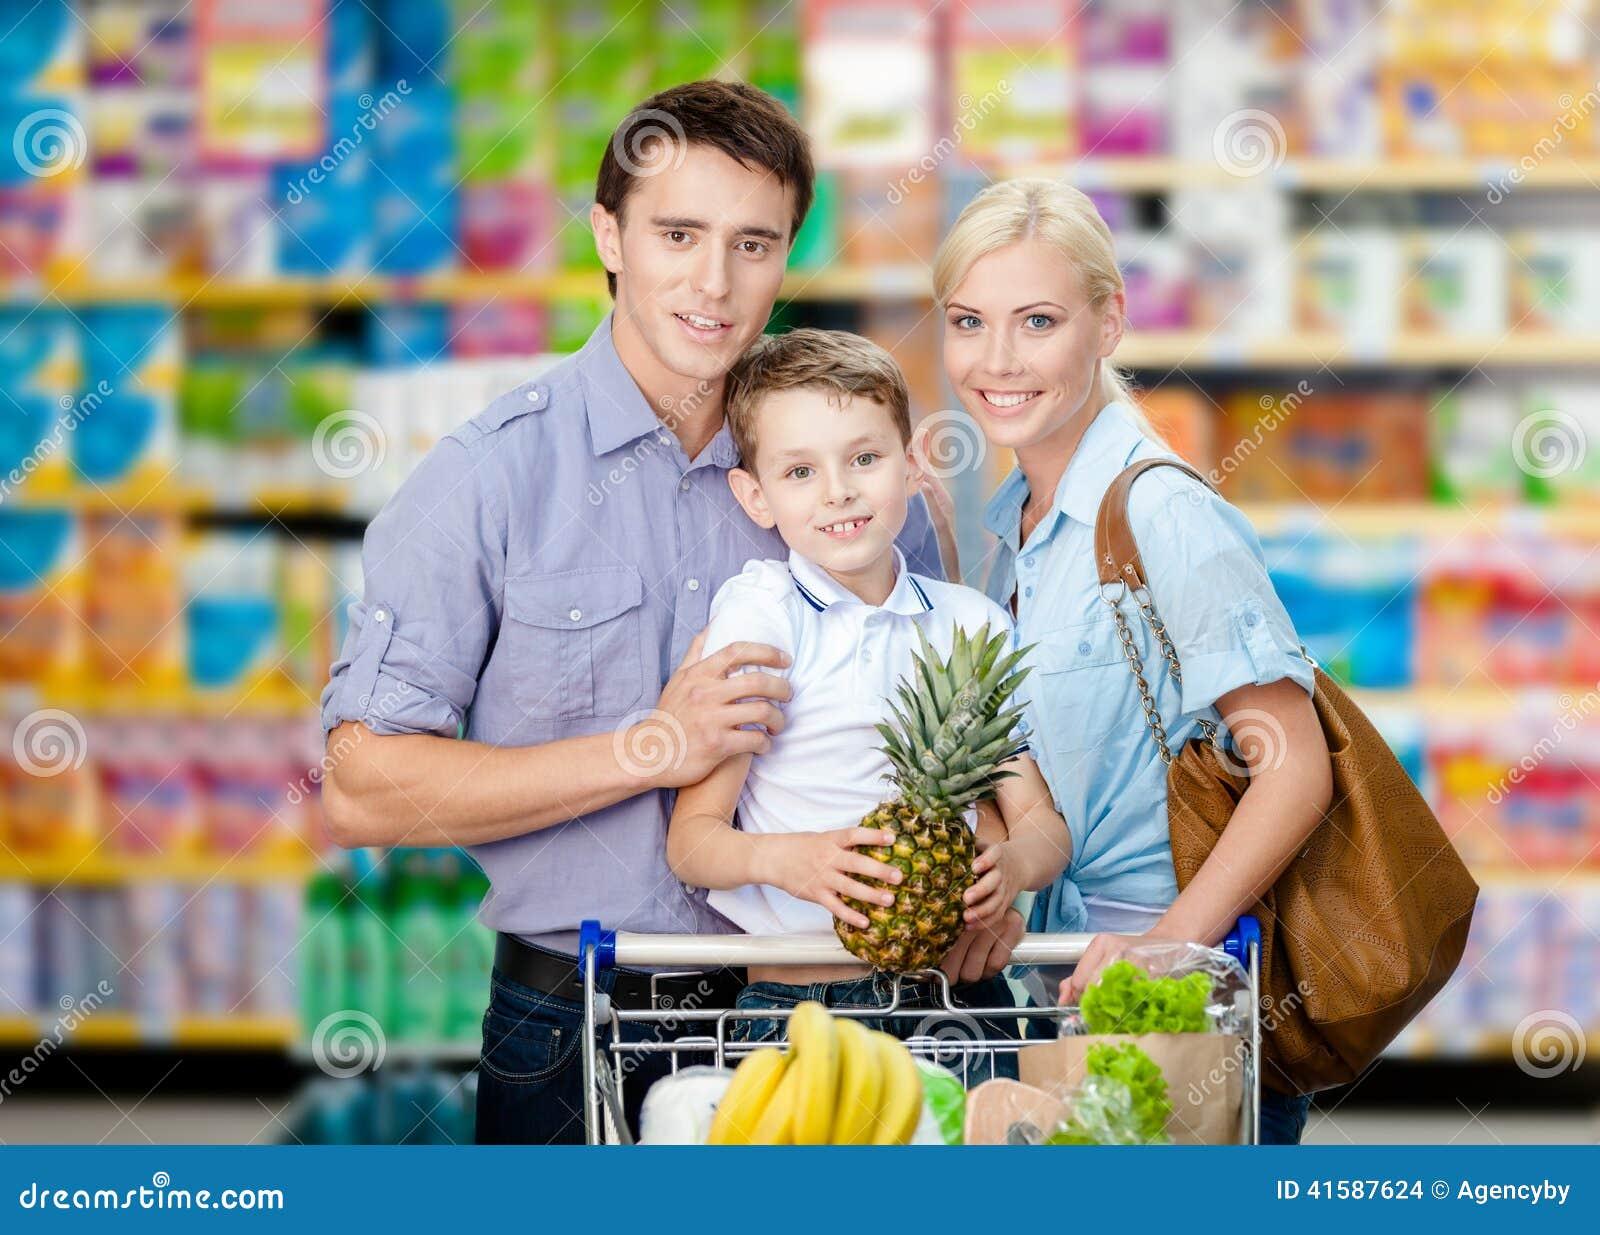 Retrato do busto da família no mercado